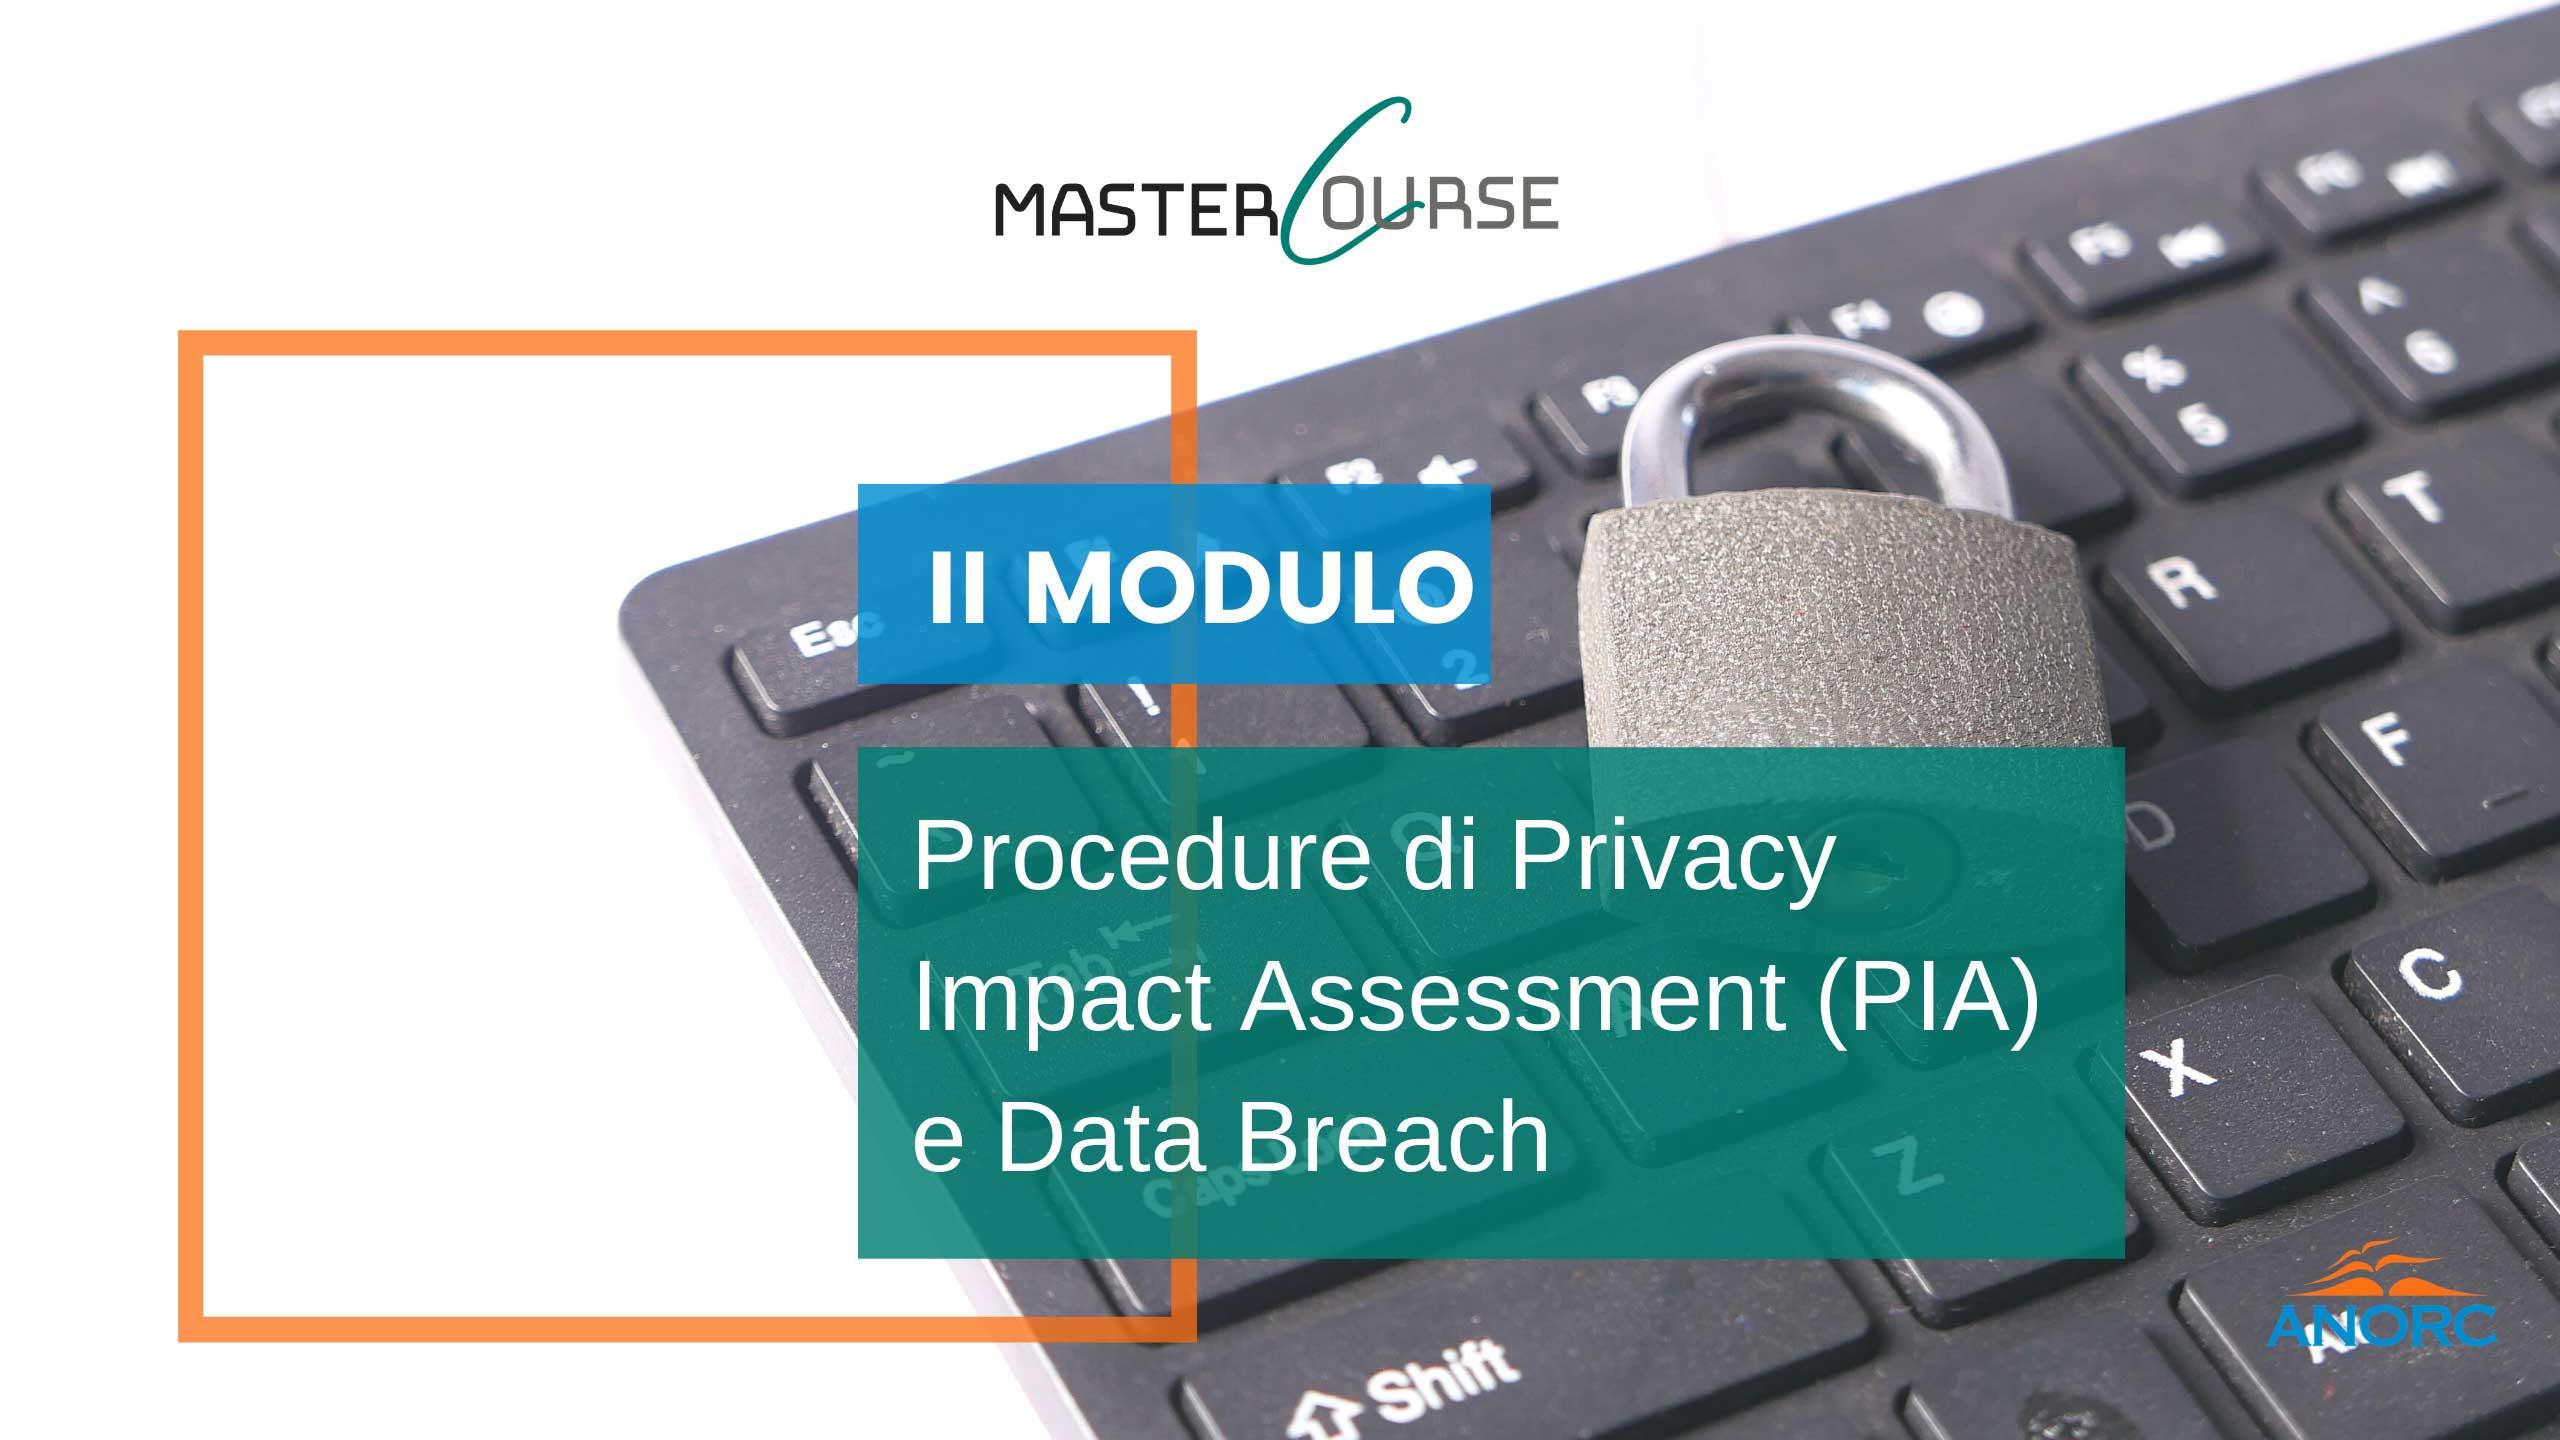 8^ giornata 16 giugno 2021 - Procedure di Privacy Impact Assessment (PIA) e Data Breach